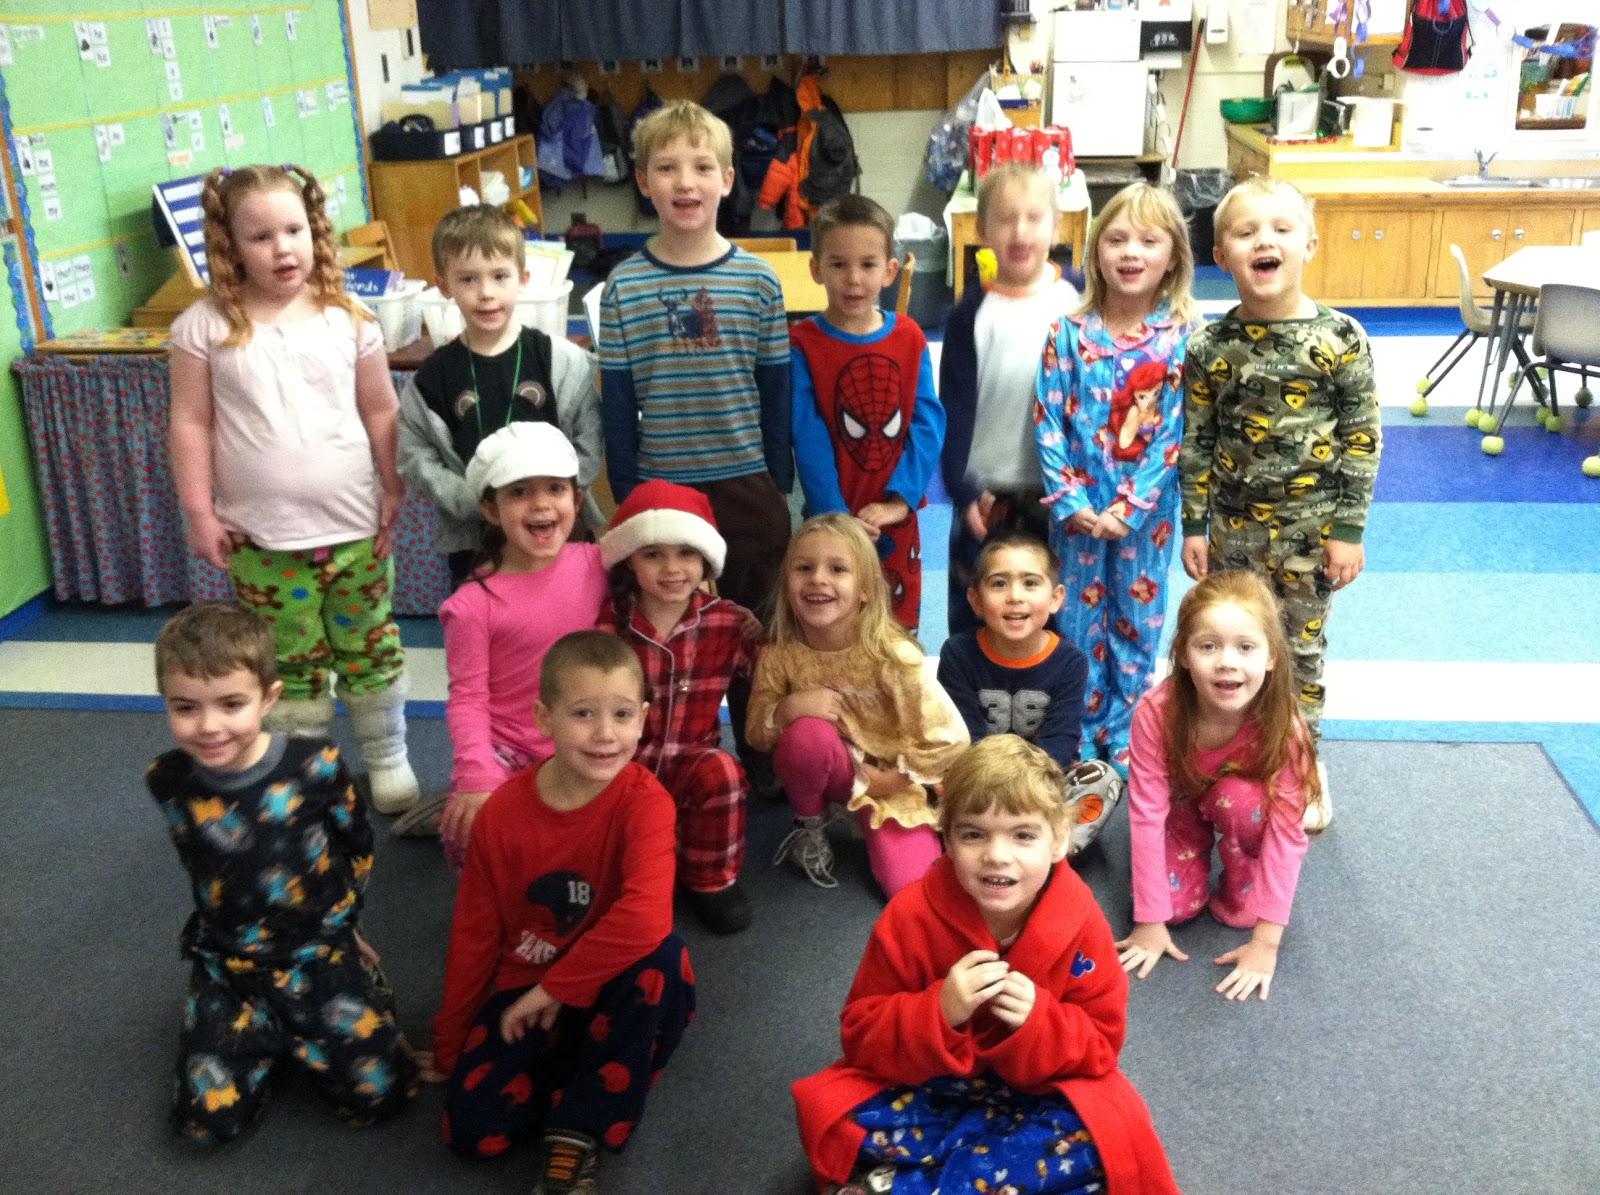 Mrs Parzych S Kindergarten Pajama Day